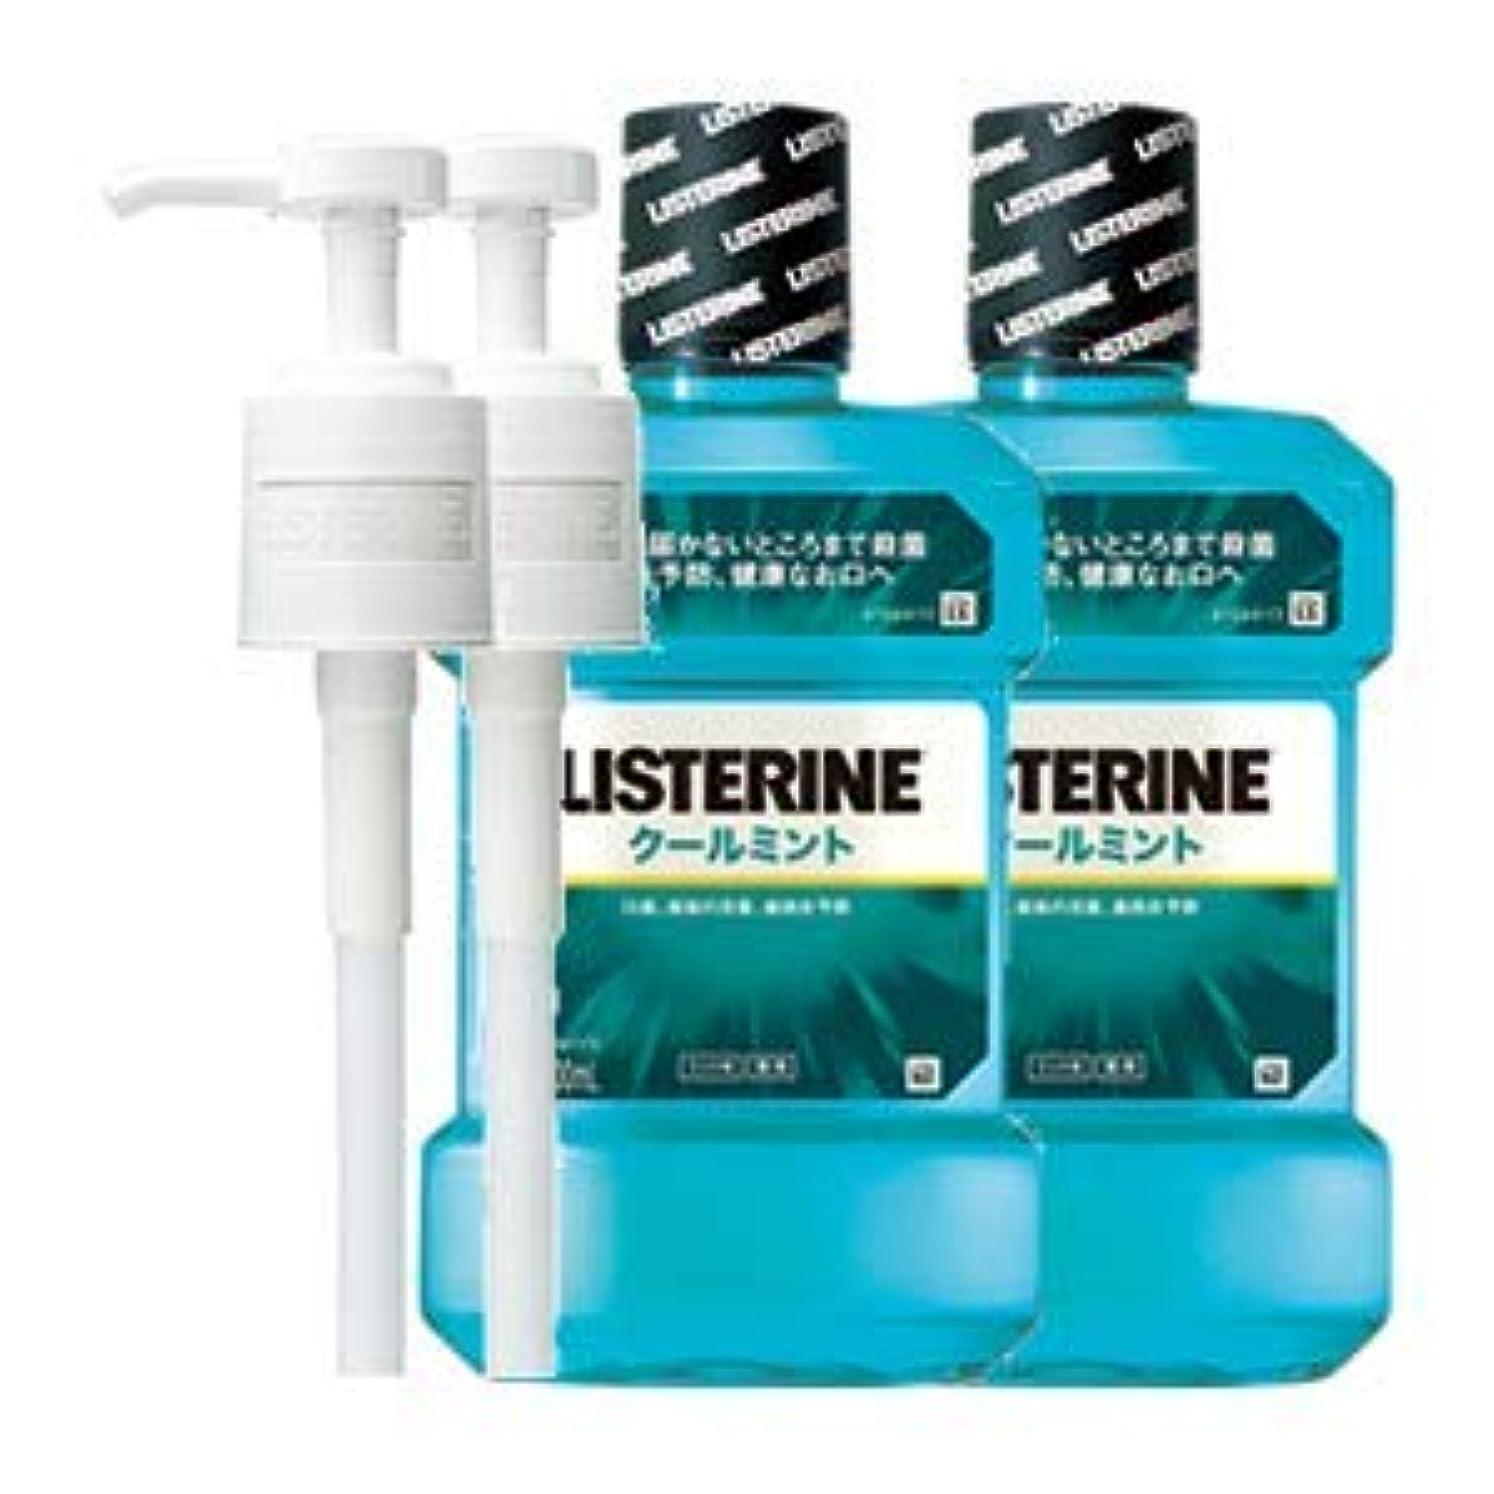 ケニア記述する建てる薬用リステリン クールミント (マウスウォッシュ/洗口液) 1000mL 2点セット (ポンプ付)